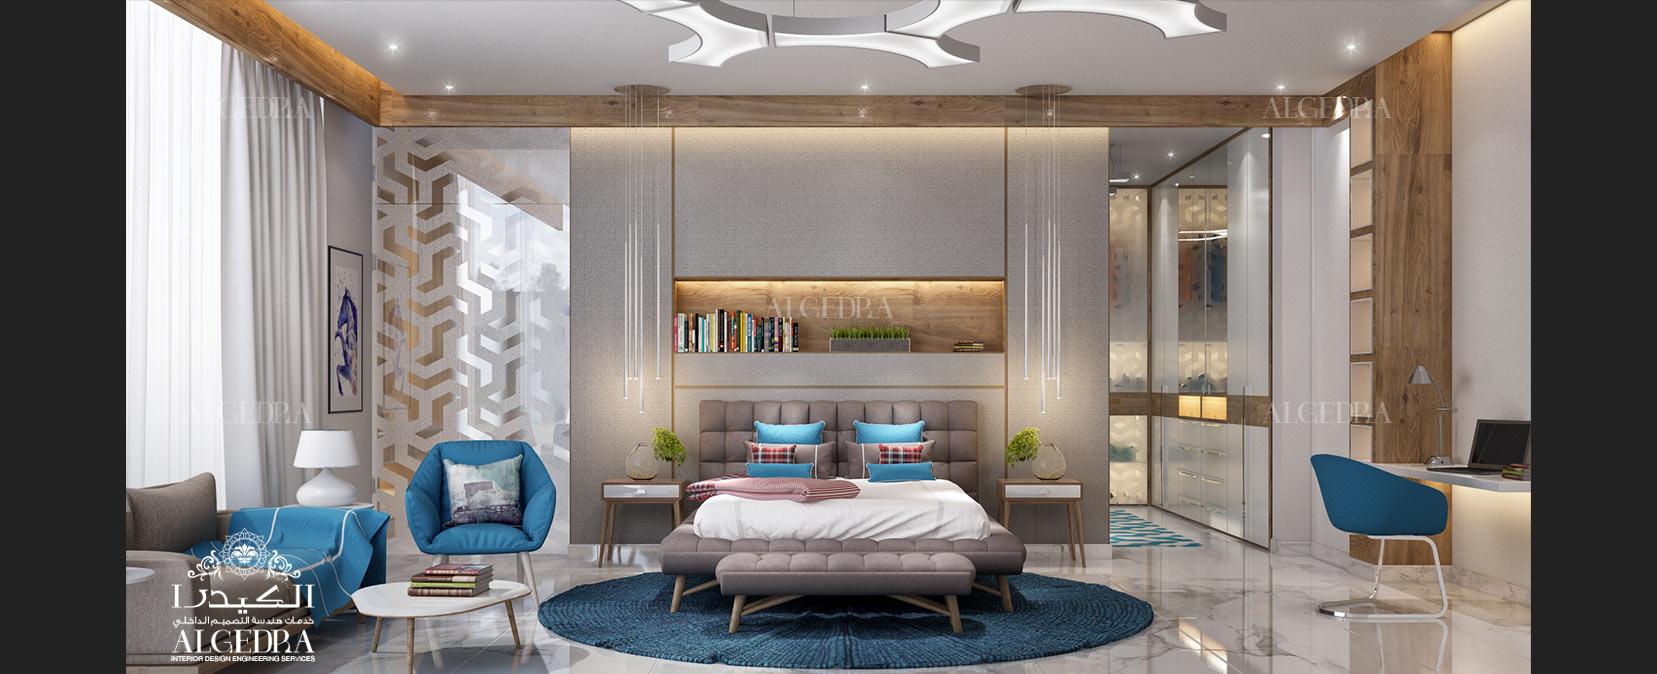 bedroom exterior design